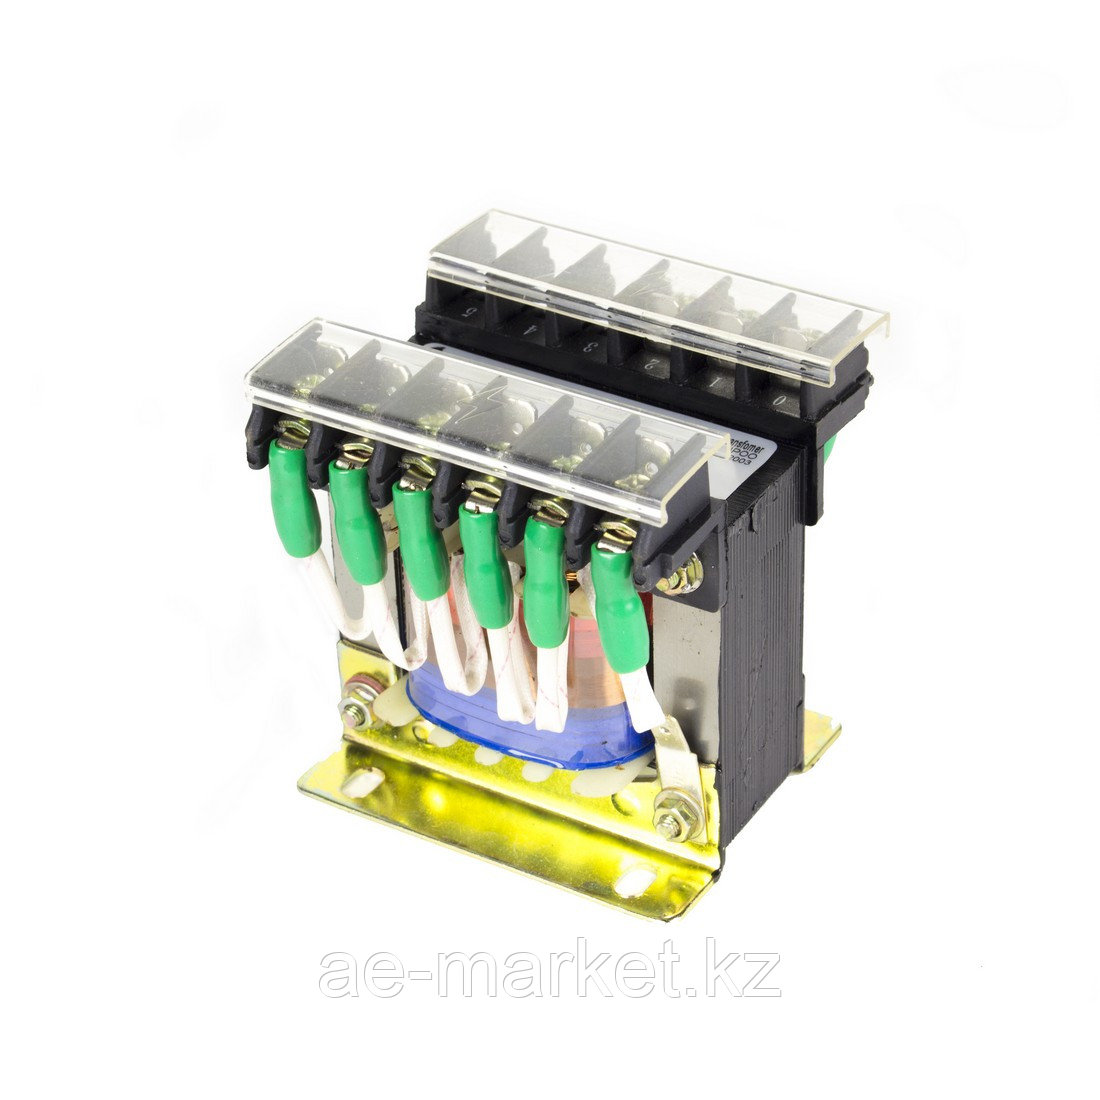 Трансформатор понижающий iPower JBK3-63 VA